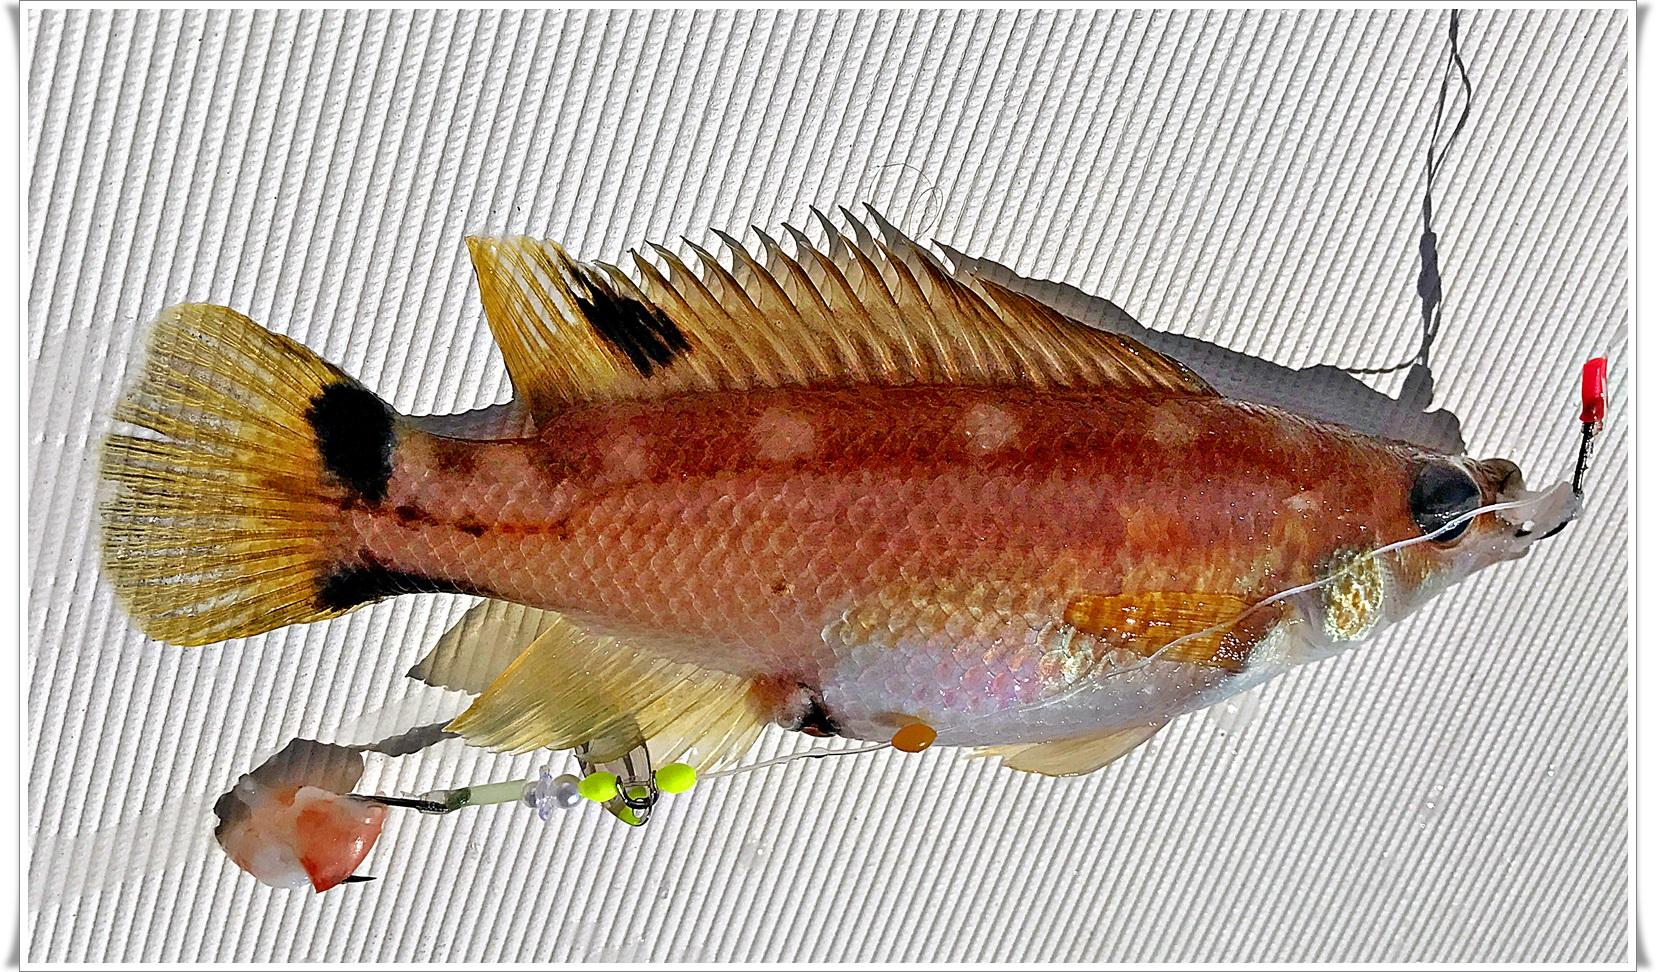 små kroker, smått agn og lett utstyr gir andre arter på dypet